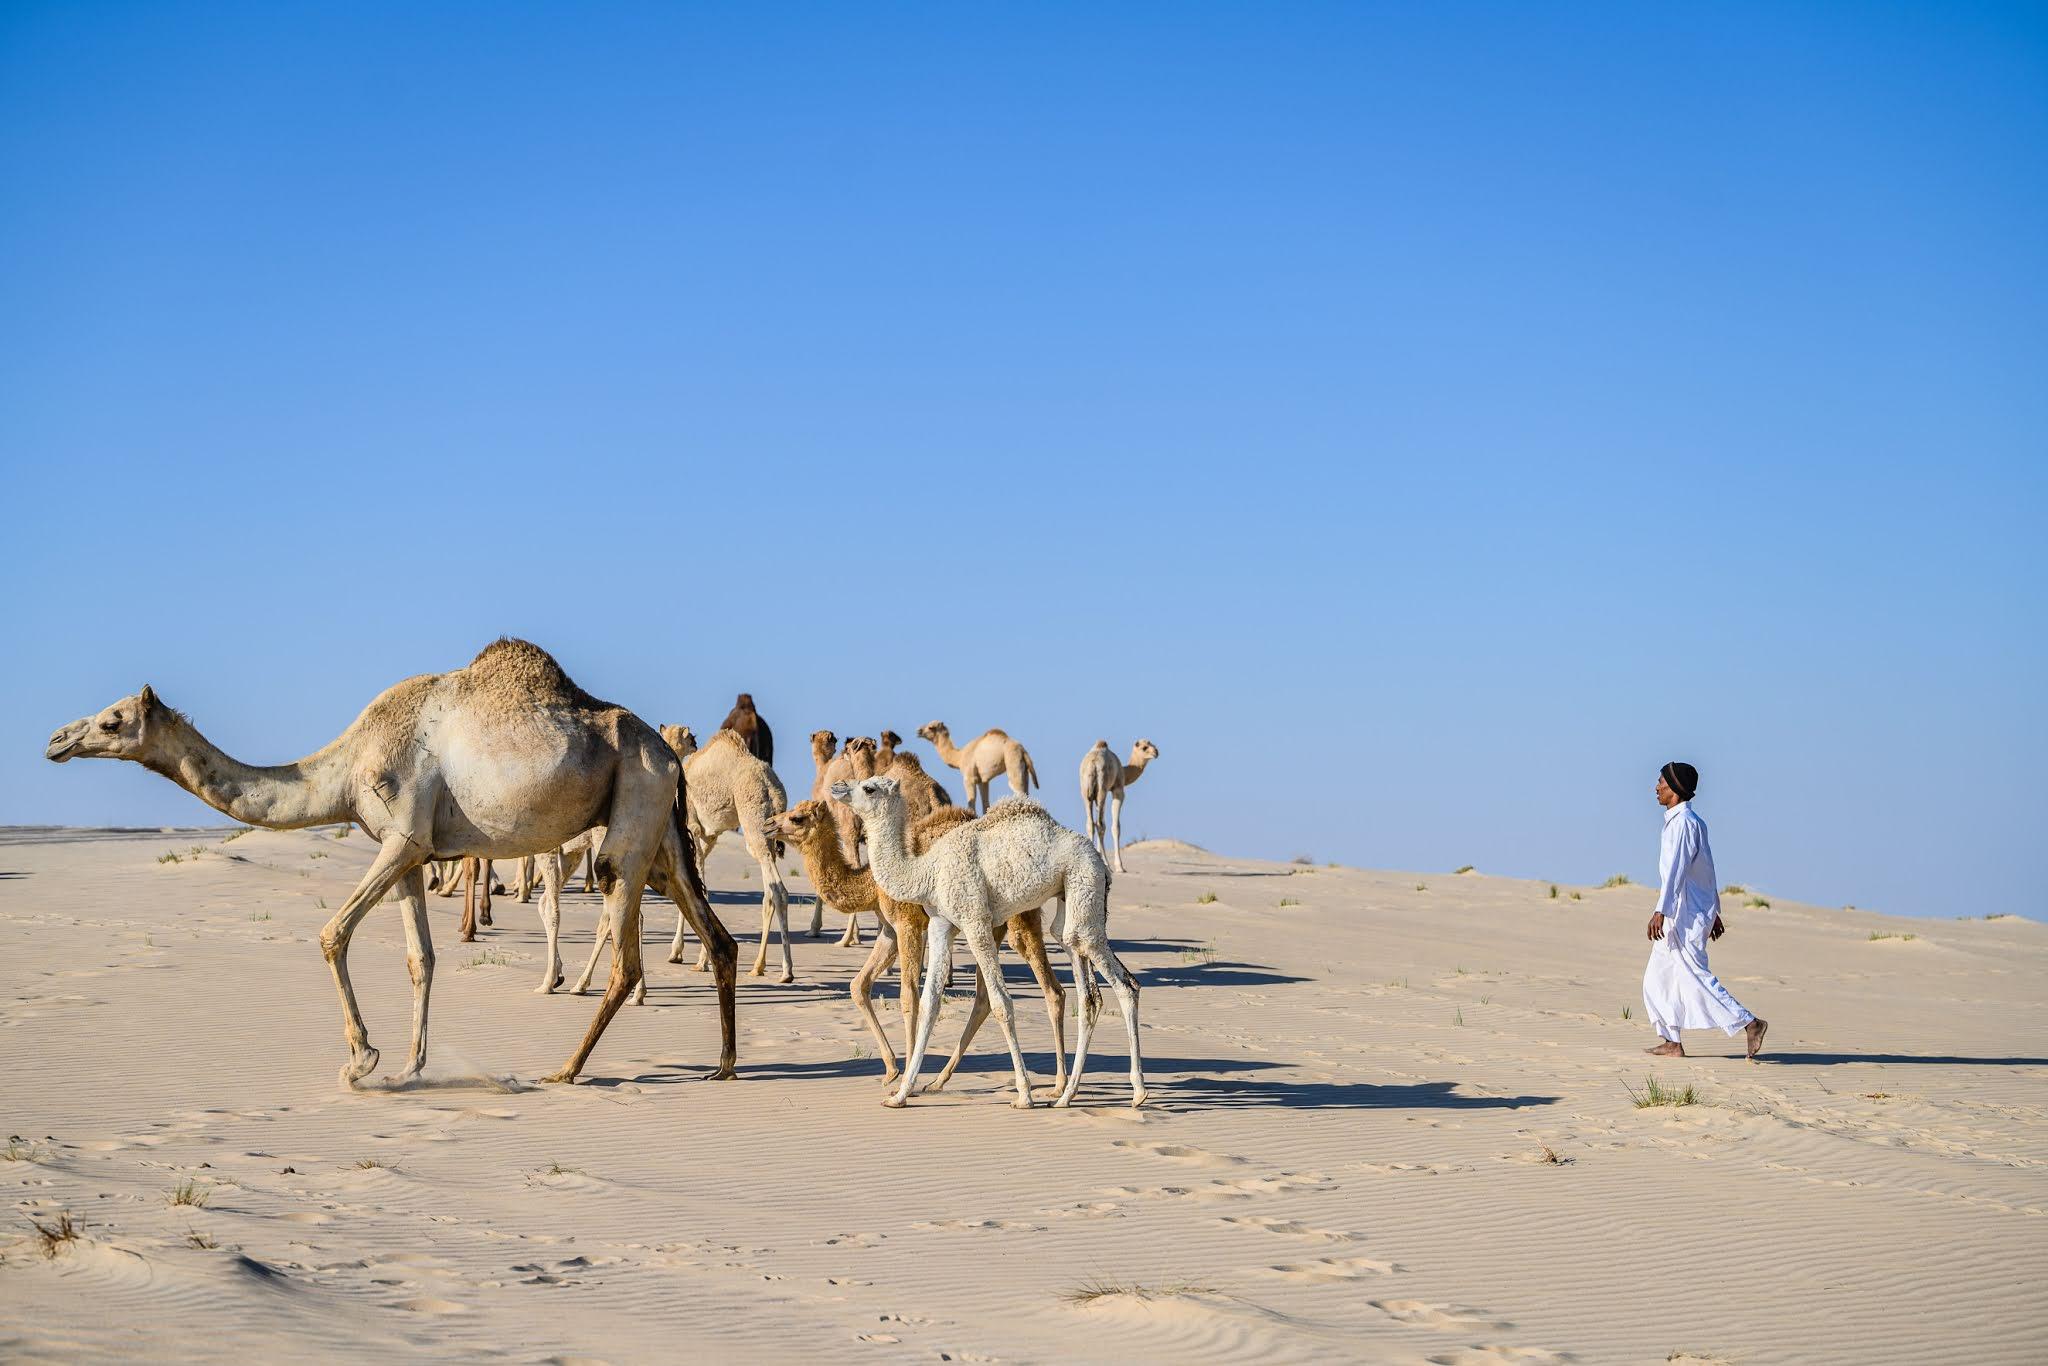 Camel calving season ends in Qatar as country releases photos of calves